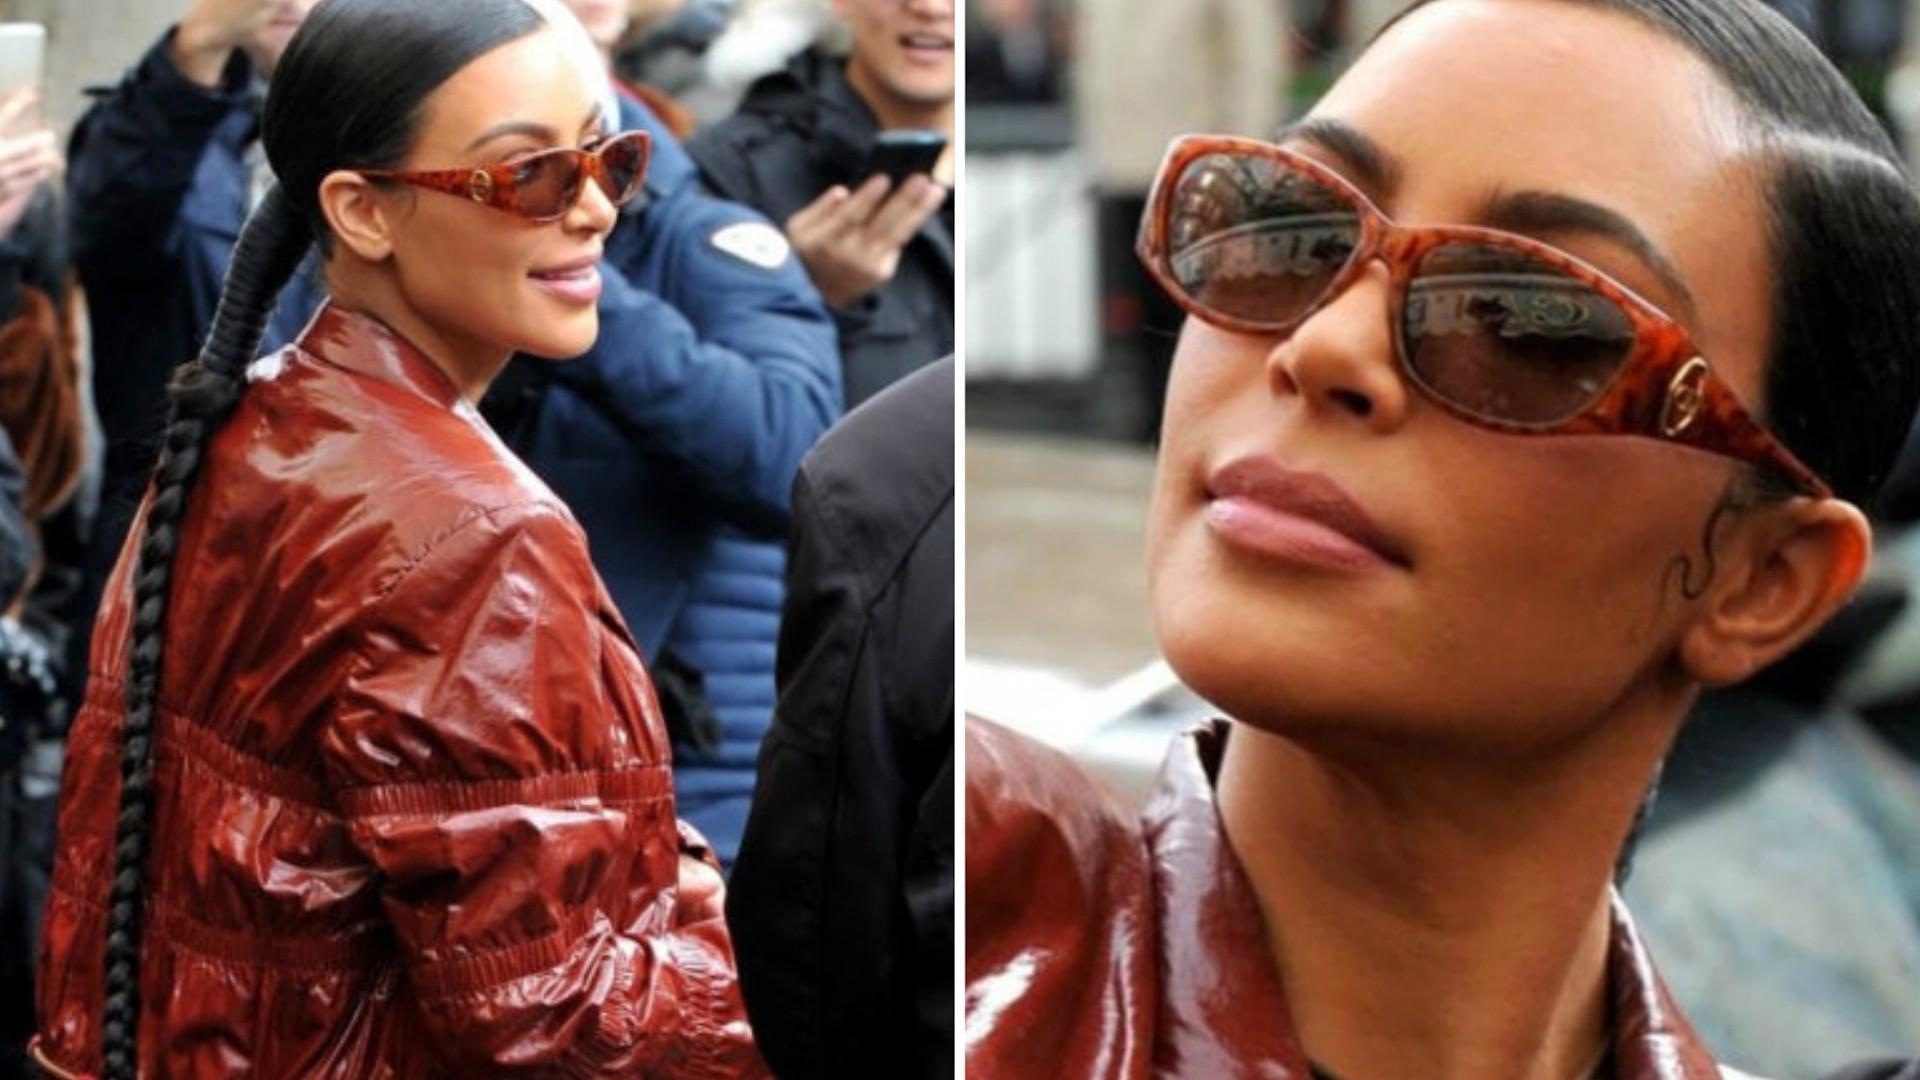 Kim Kardashian weźmie udział w WYJĄTKOWYM przedsięwzięciu. Będzie największą gwiazdą?